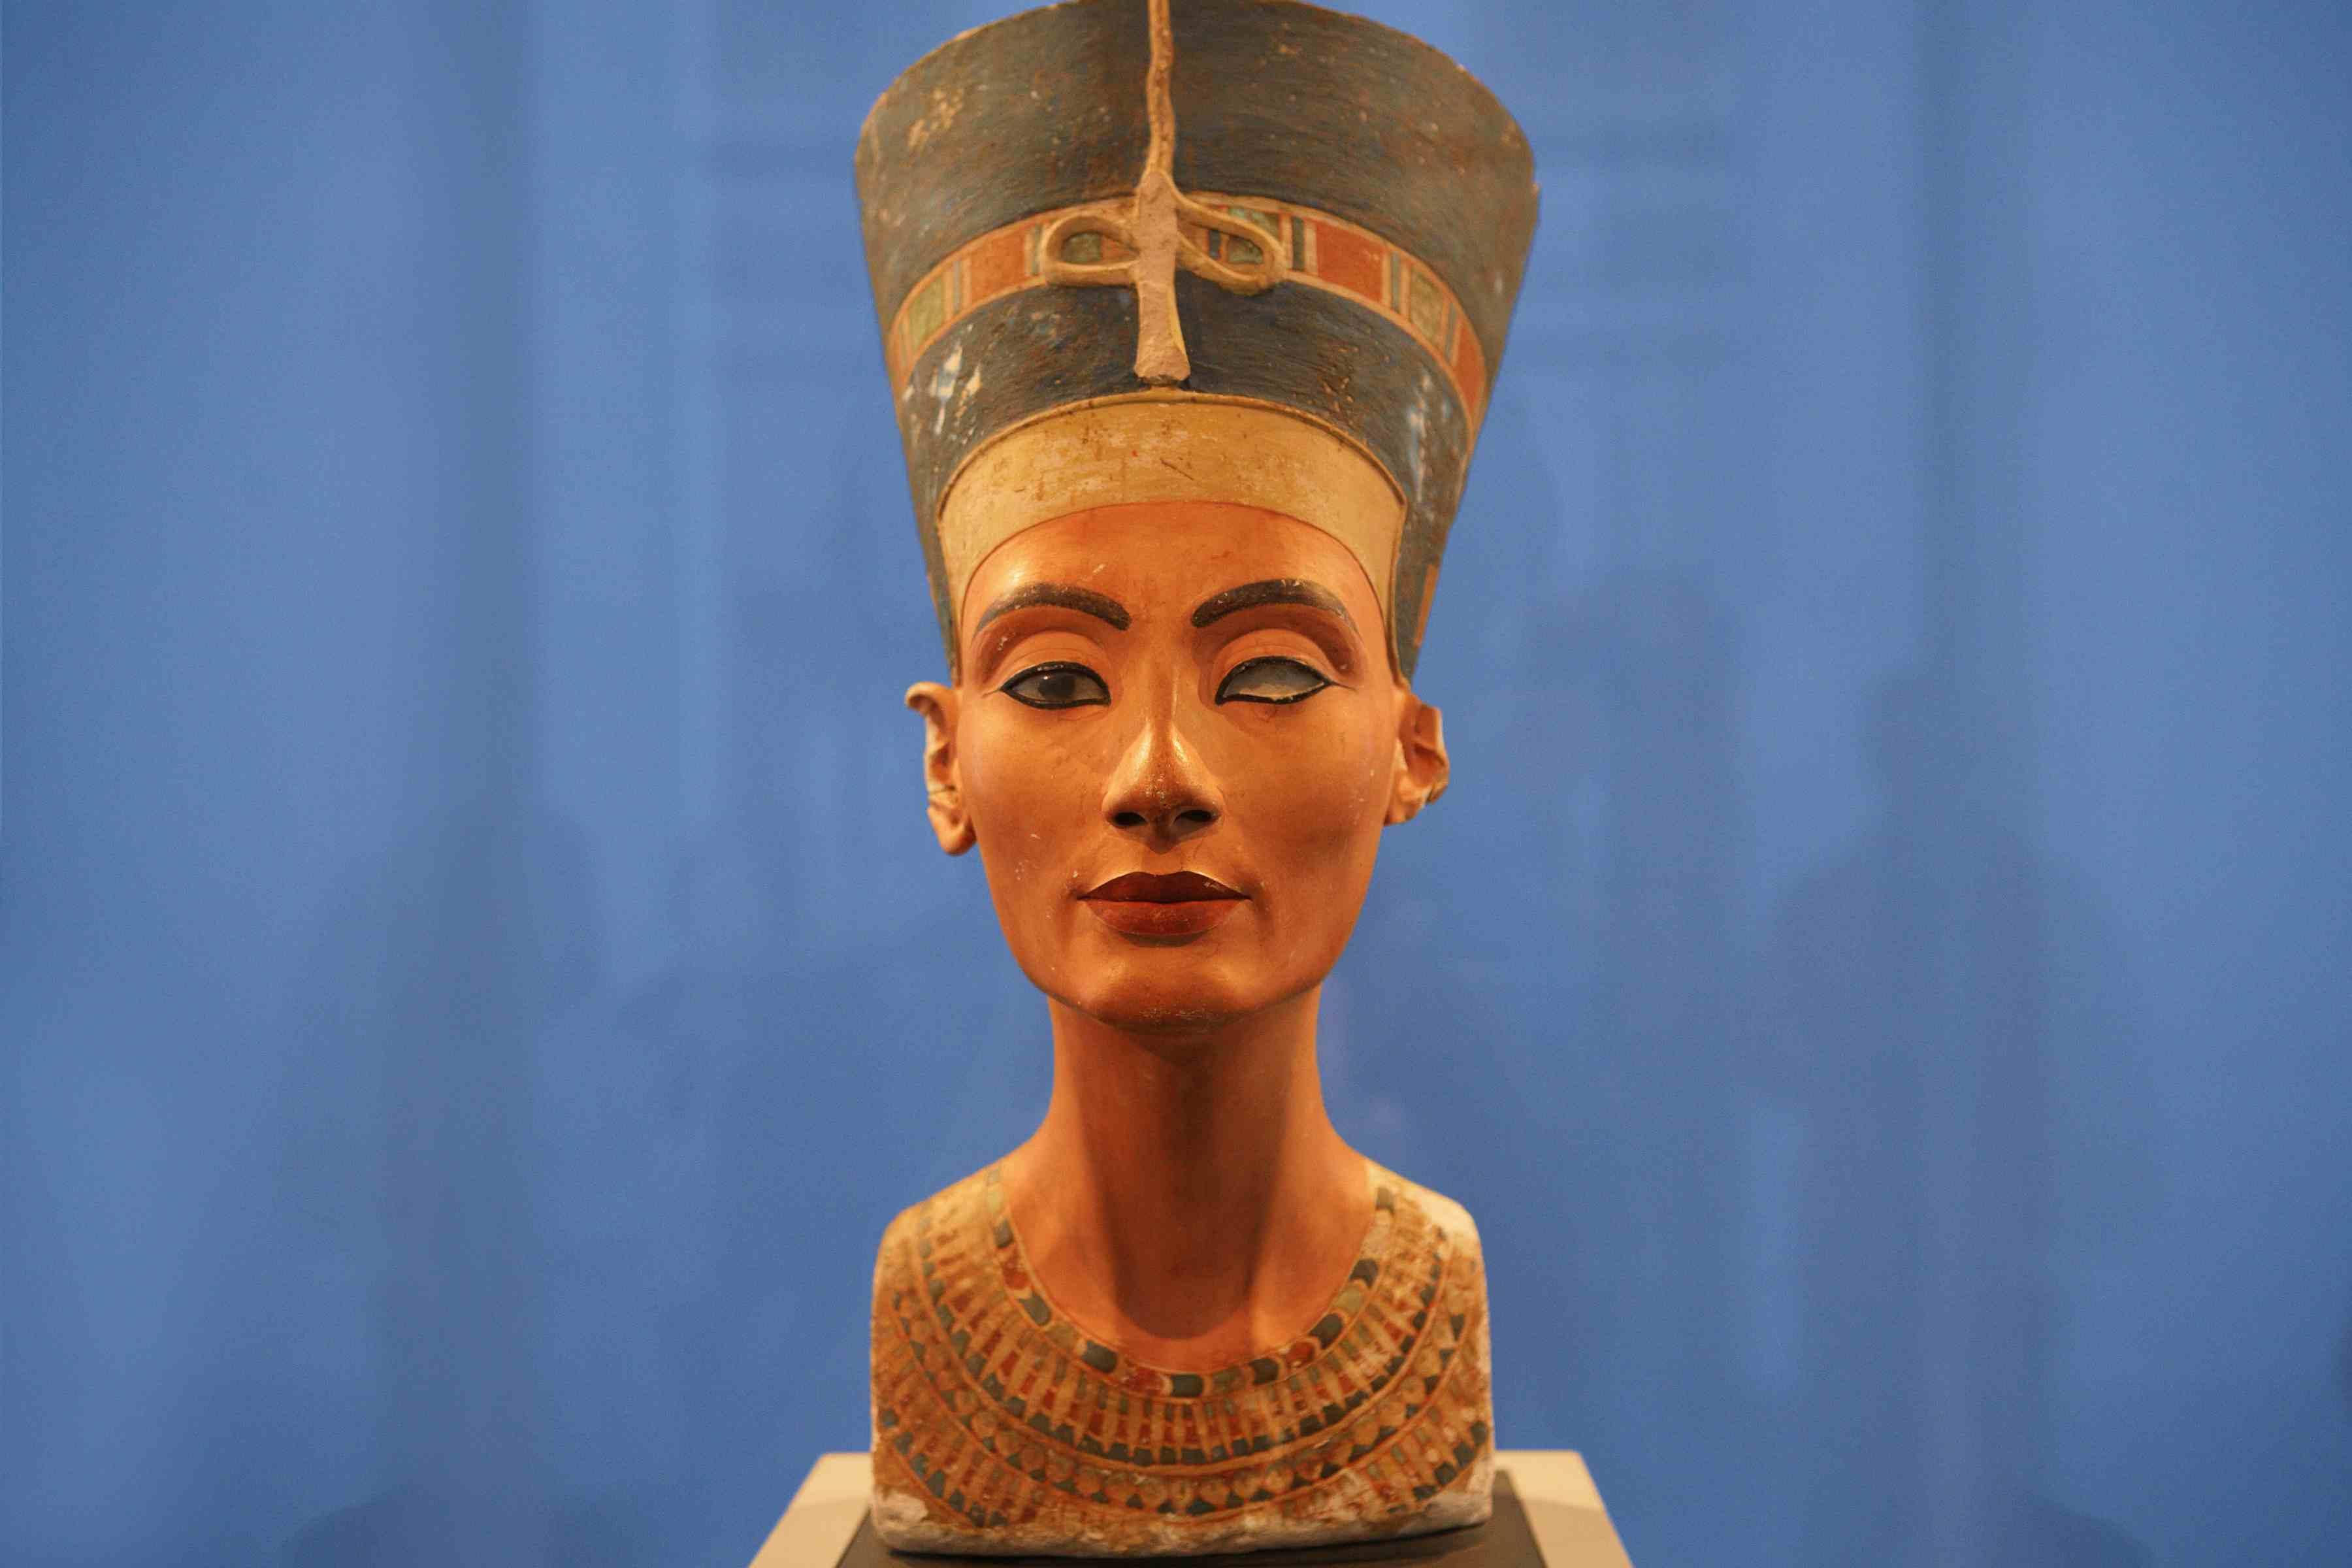 Nefertiti Bust in Berlin